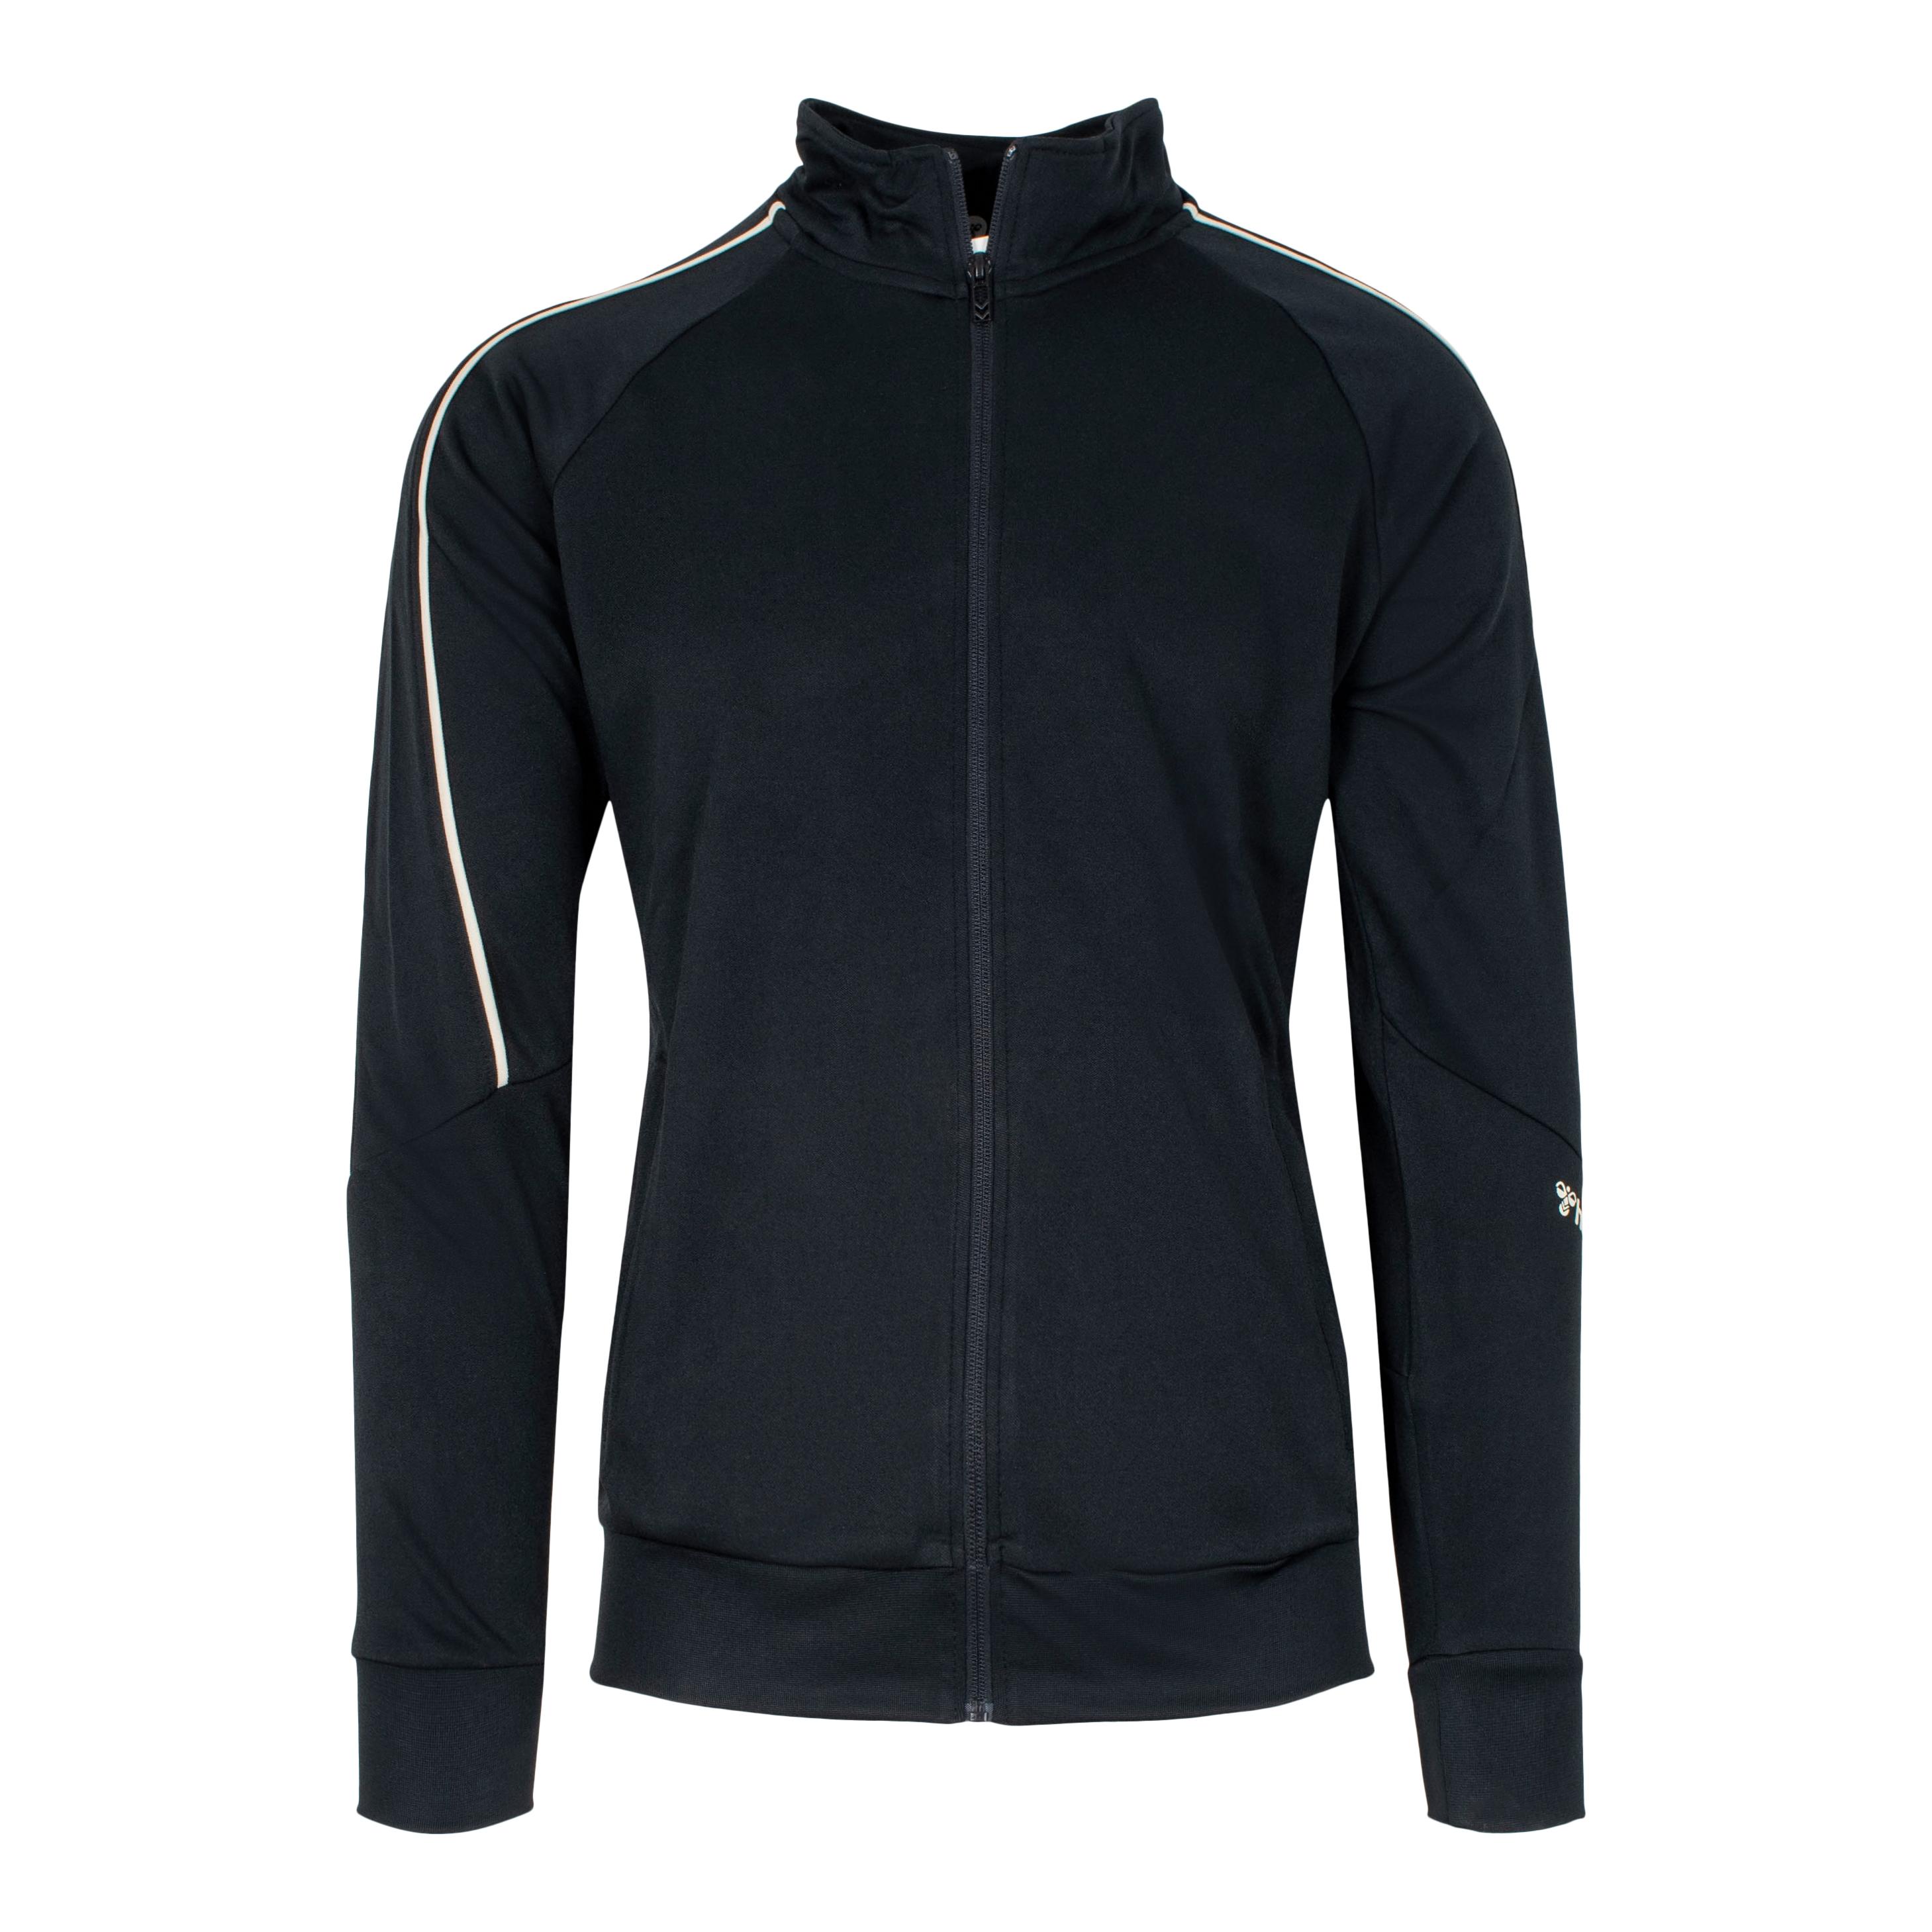 Hummel Lamos jacket